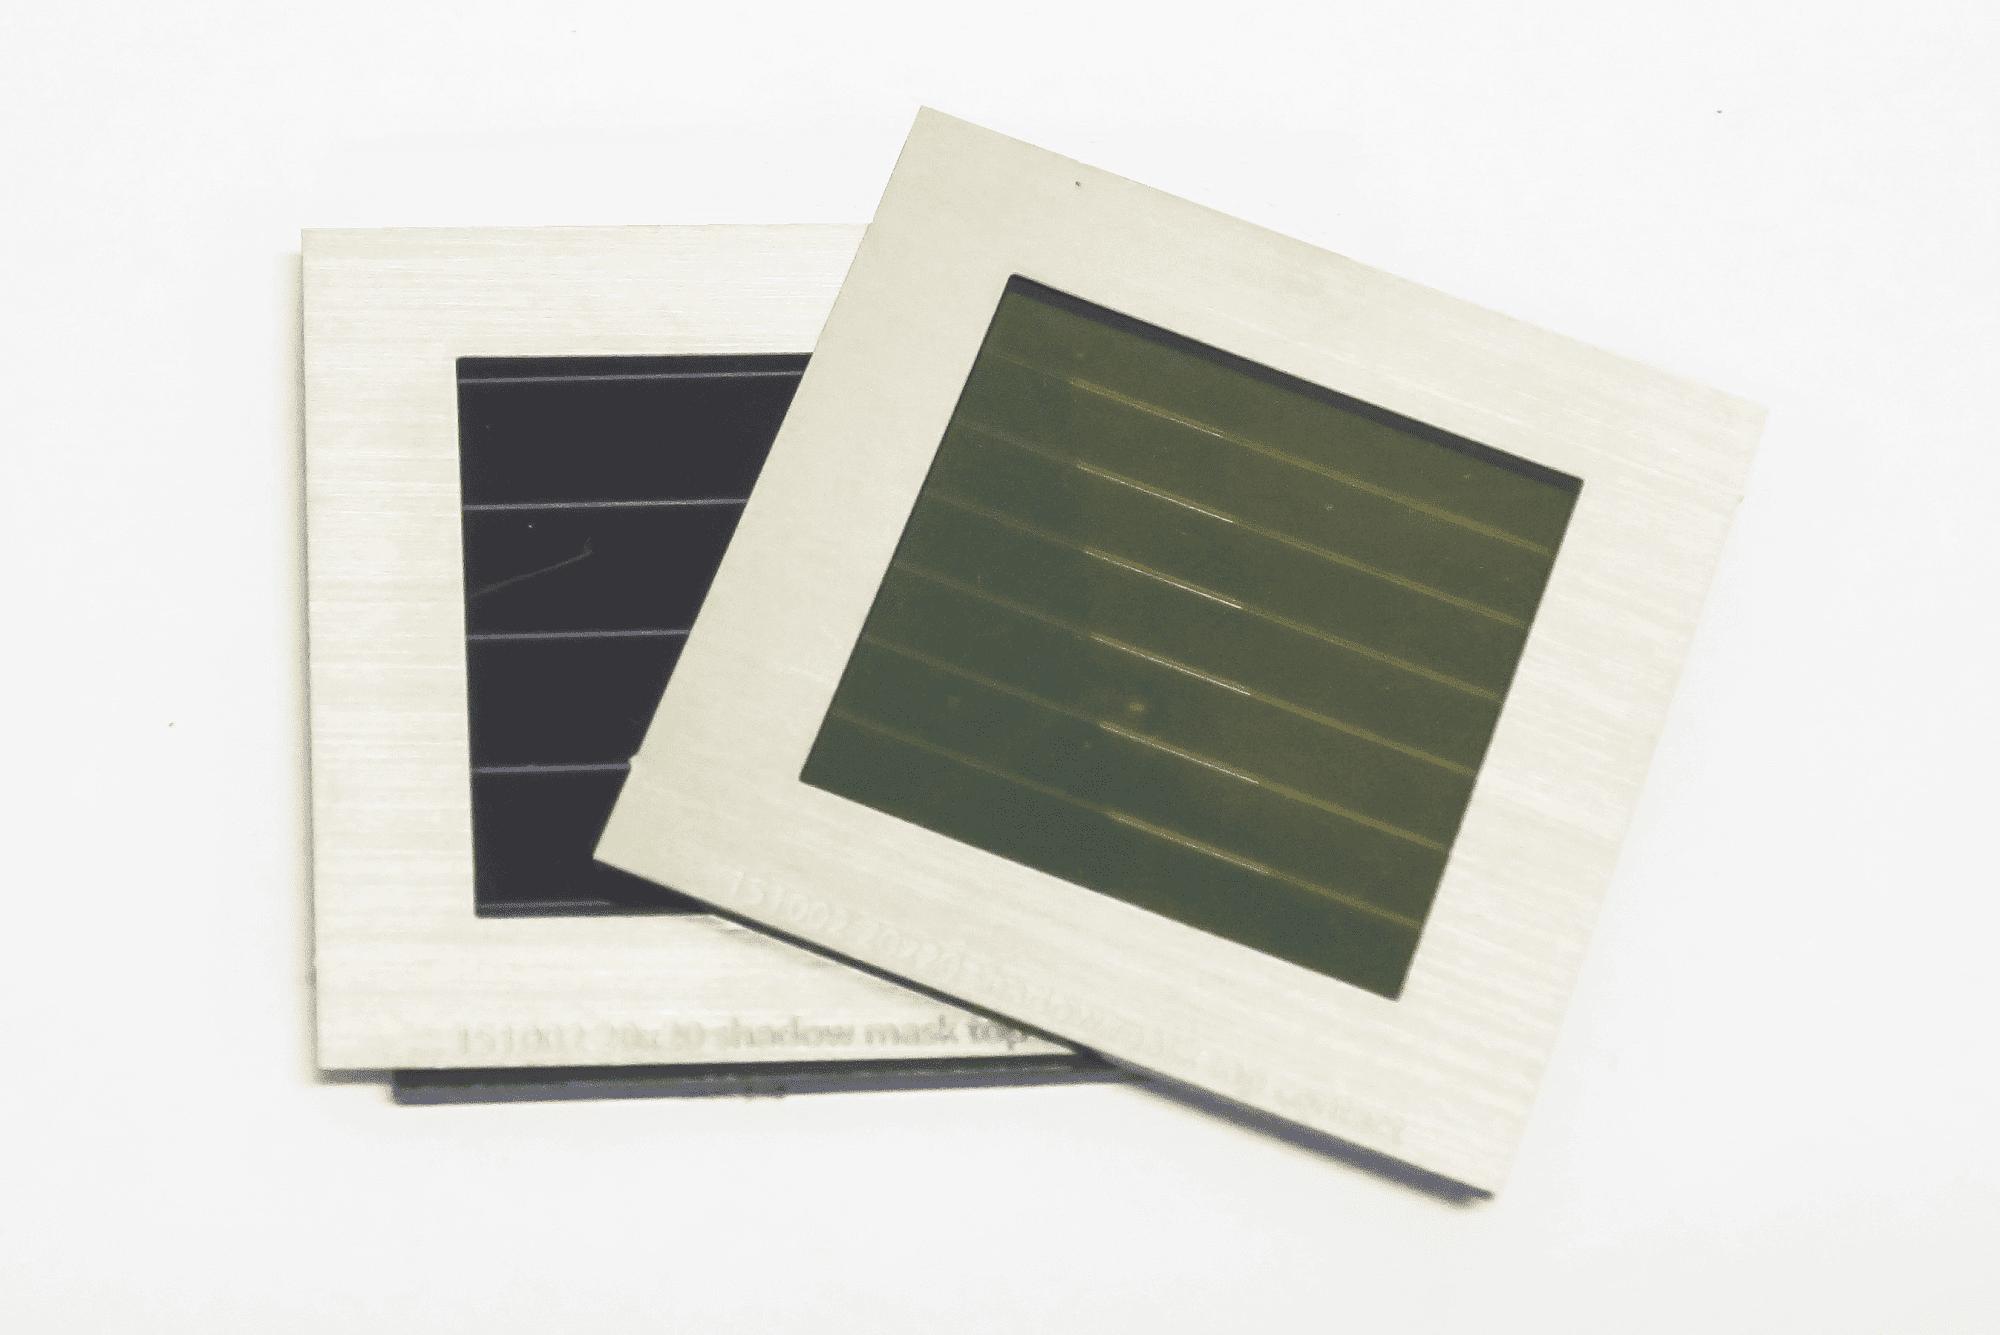 Perowskit Solarzellen Das Graphen Der Fotovoltaik Spektrum Der